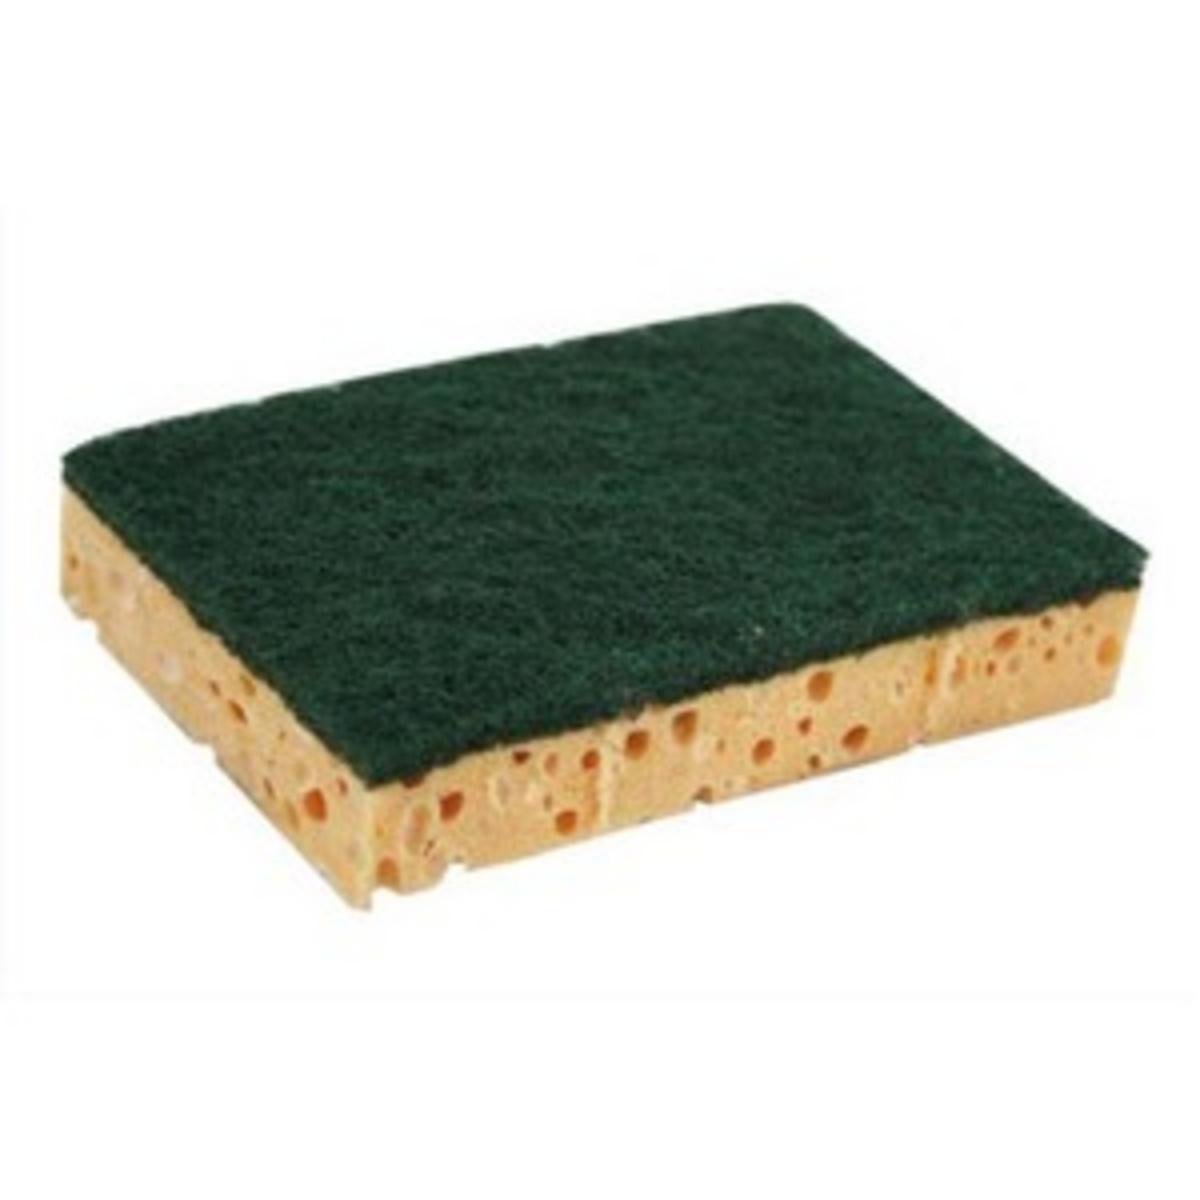 Lot de 10 tampons abrasifs sur éponge vert 8,80x12,90 cm (10 pièces)